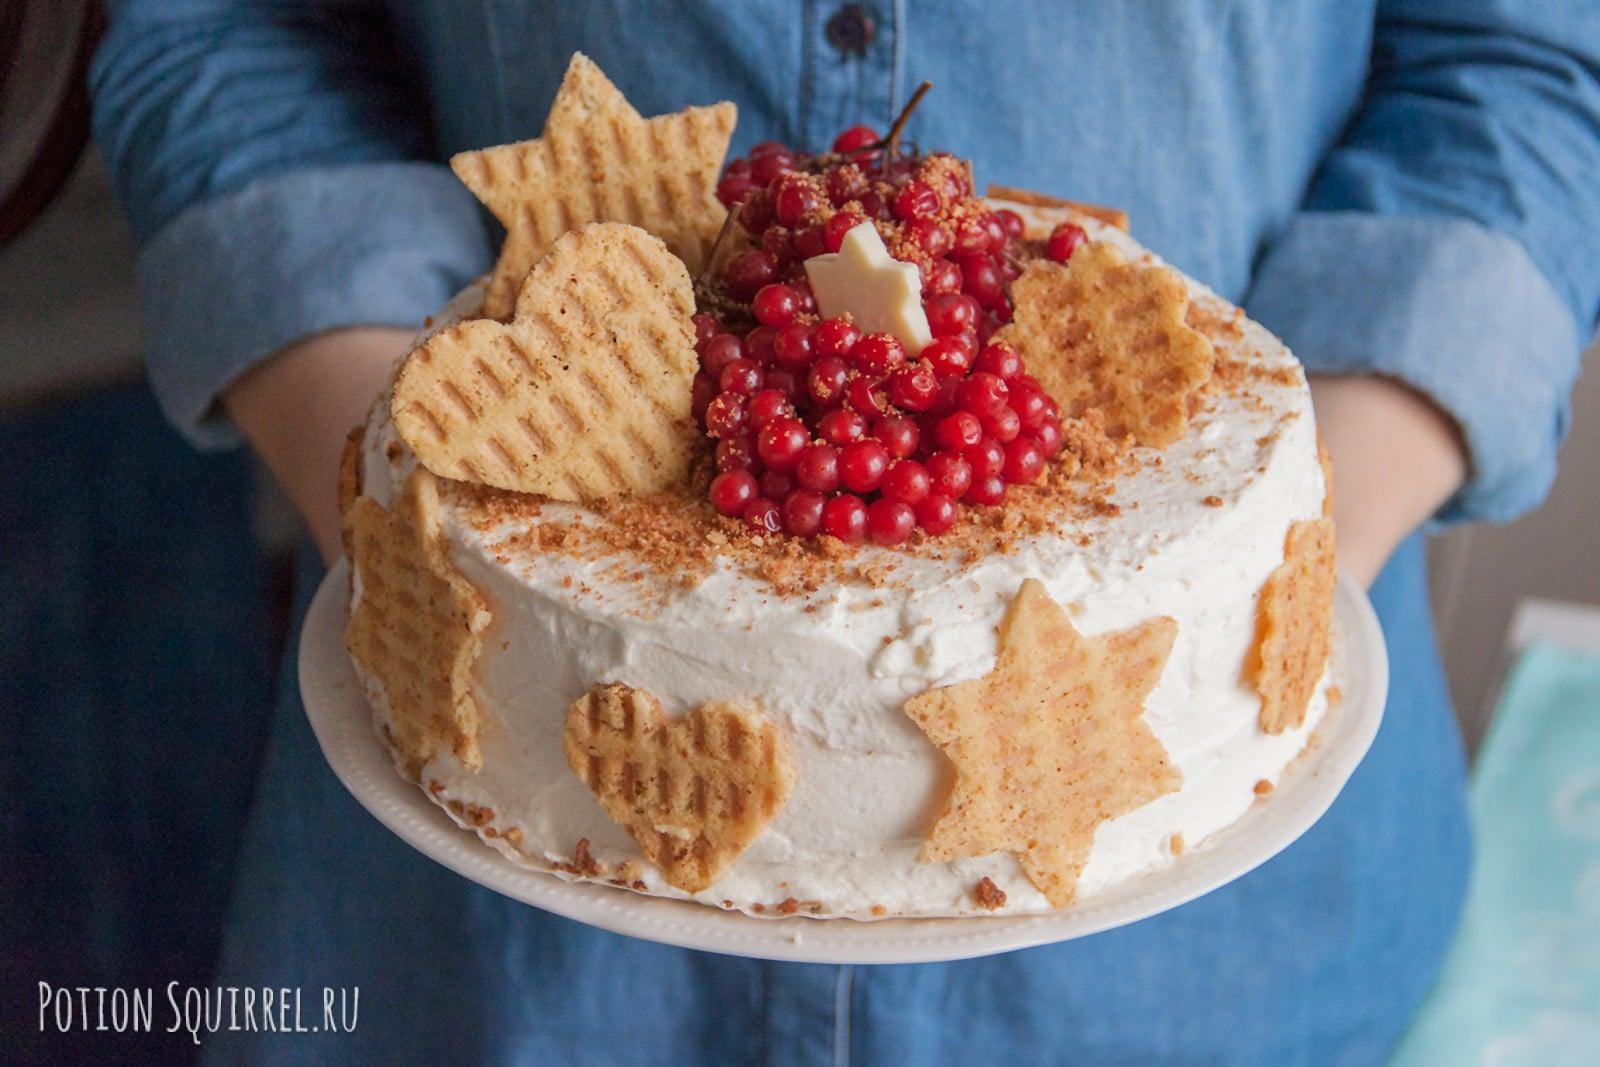 Авторский морковный торт, от которого невозможно оторваться. Фото и рецепт от potionsquirrel.ru